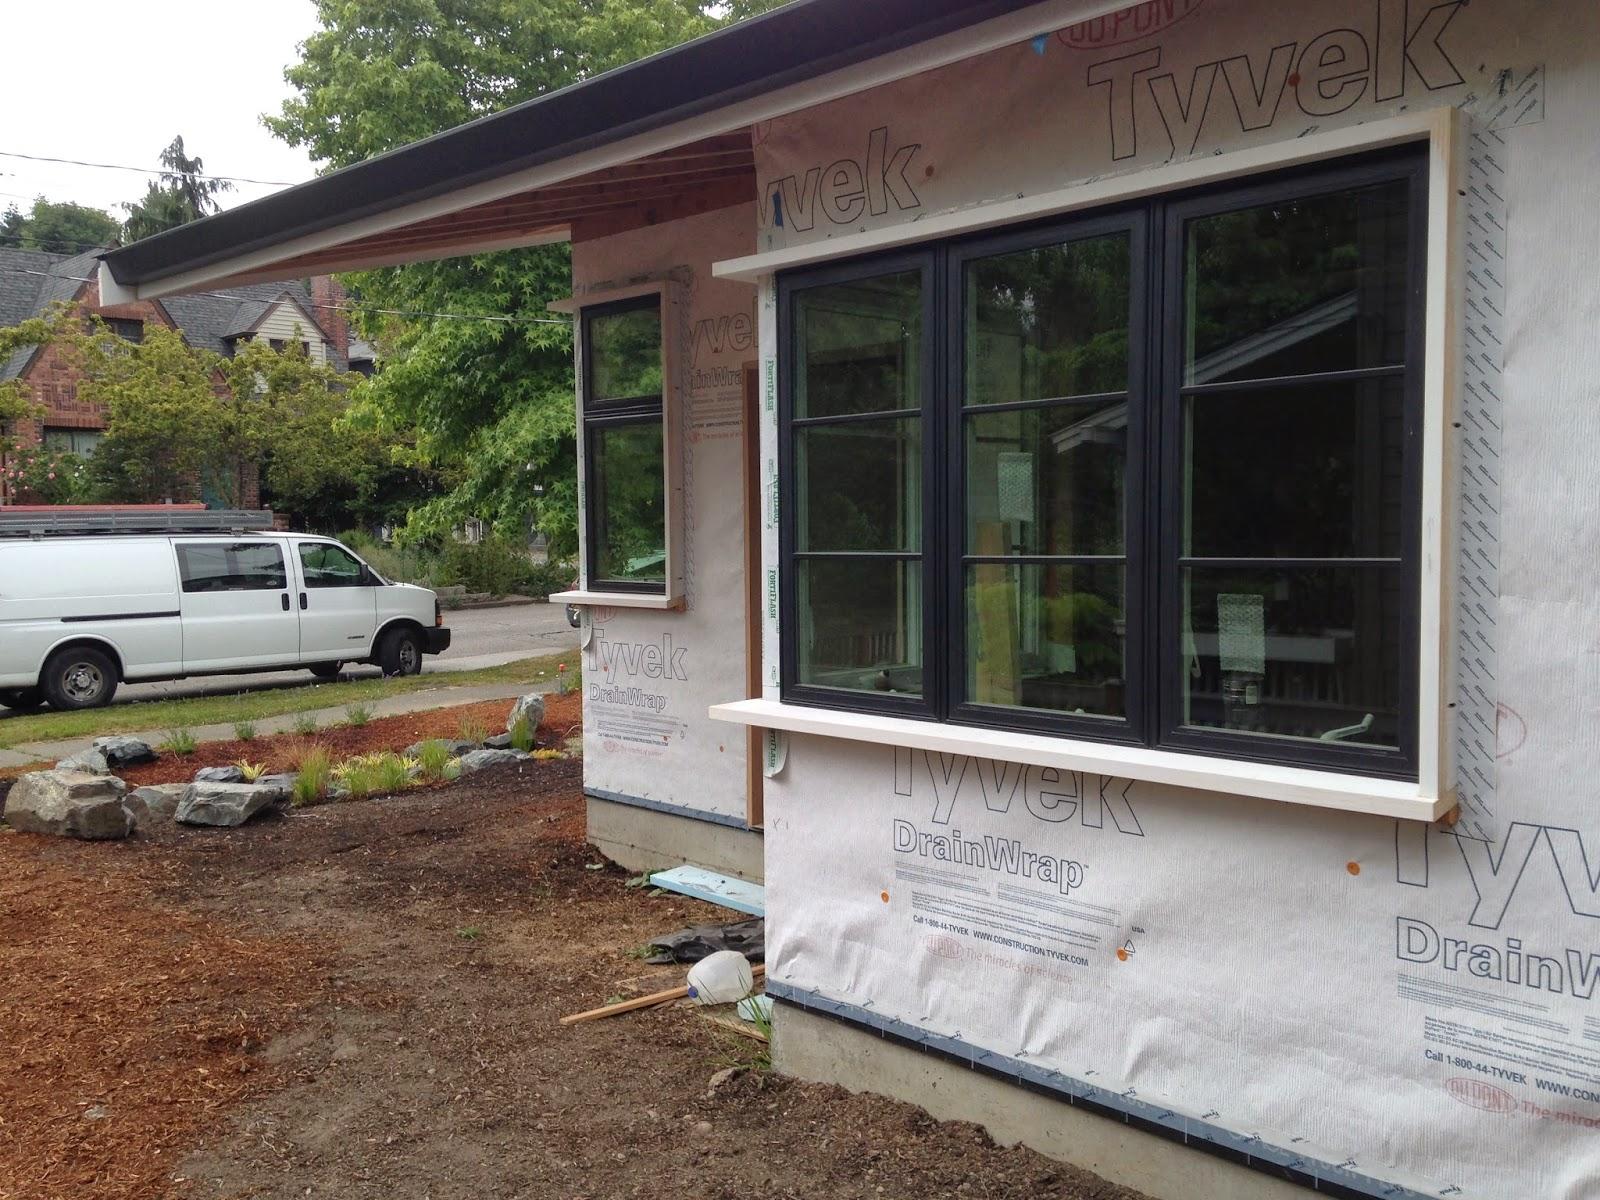 details of home: exterior window trim